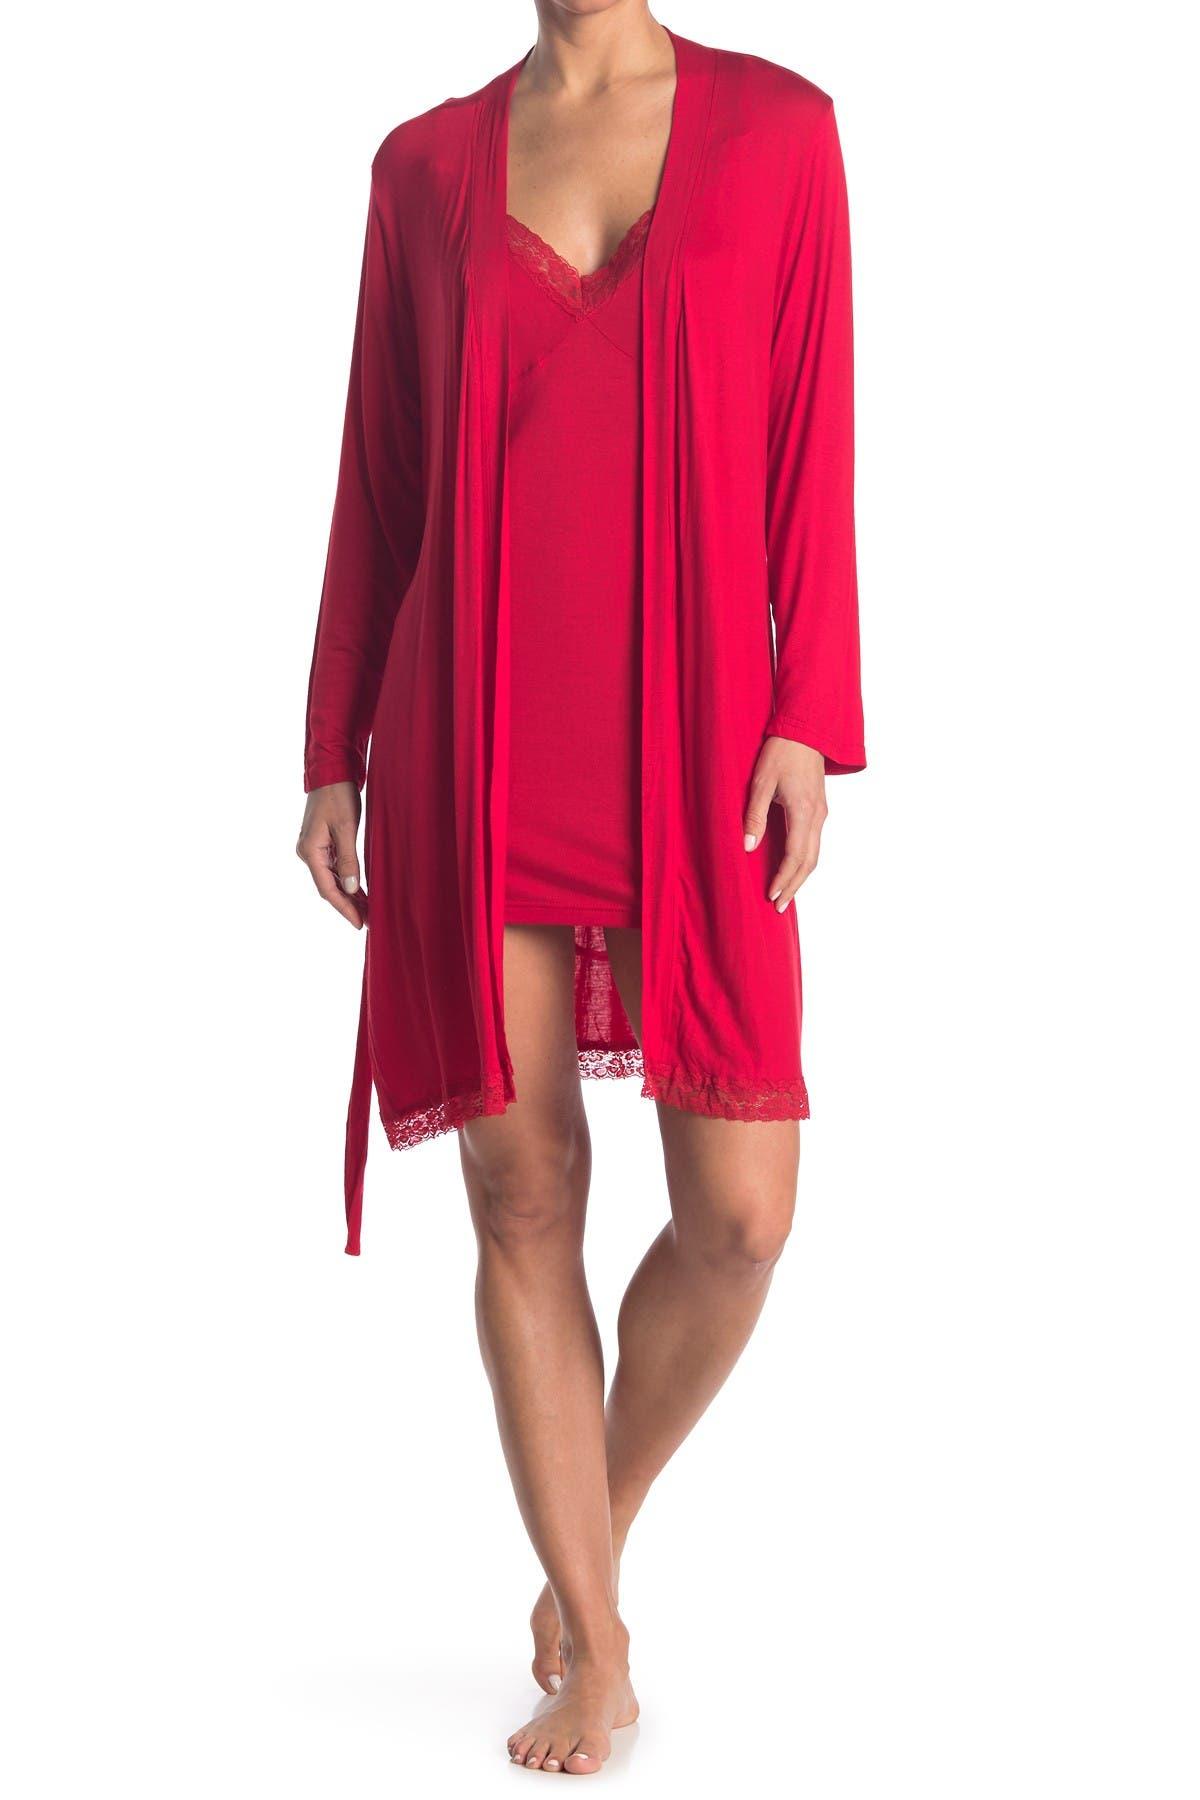 Image of Blis Travel Jersey Chemise & Robe 2-Piece Pajama Set